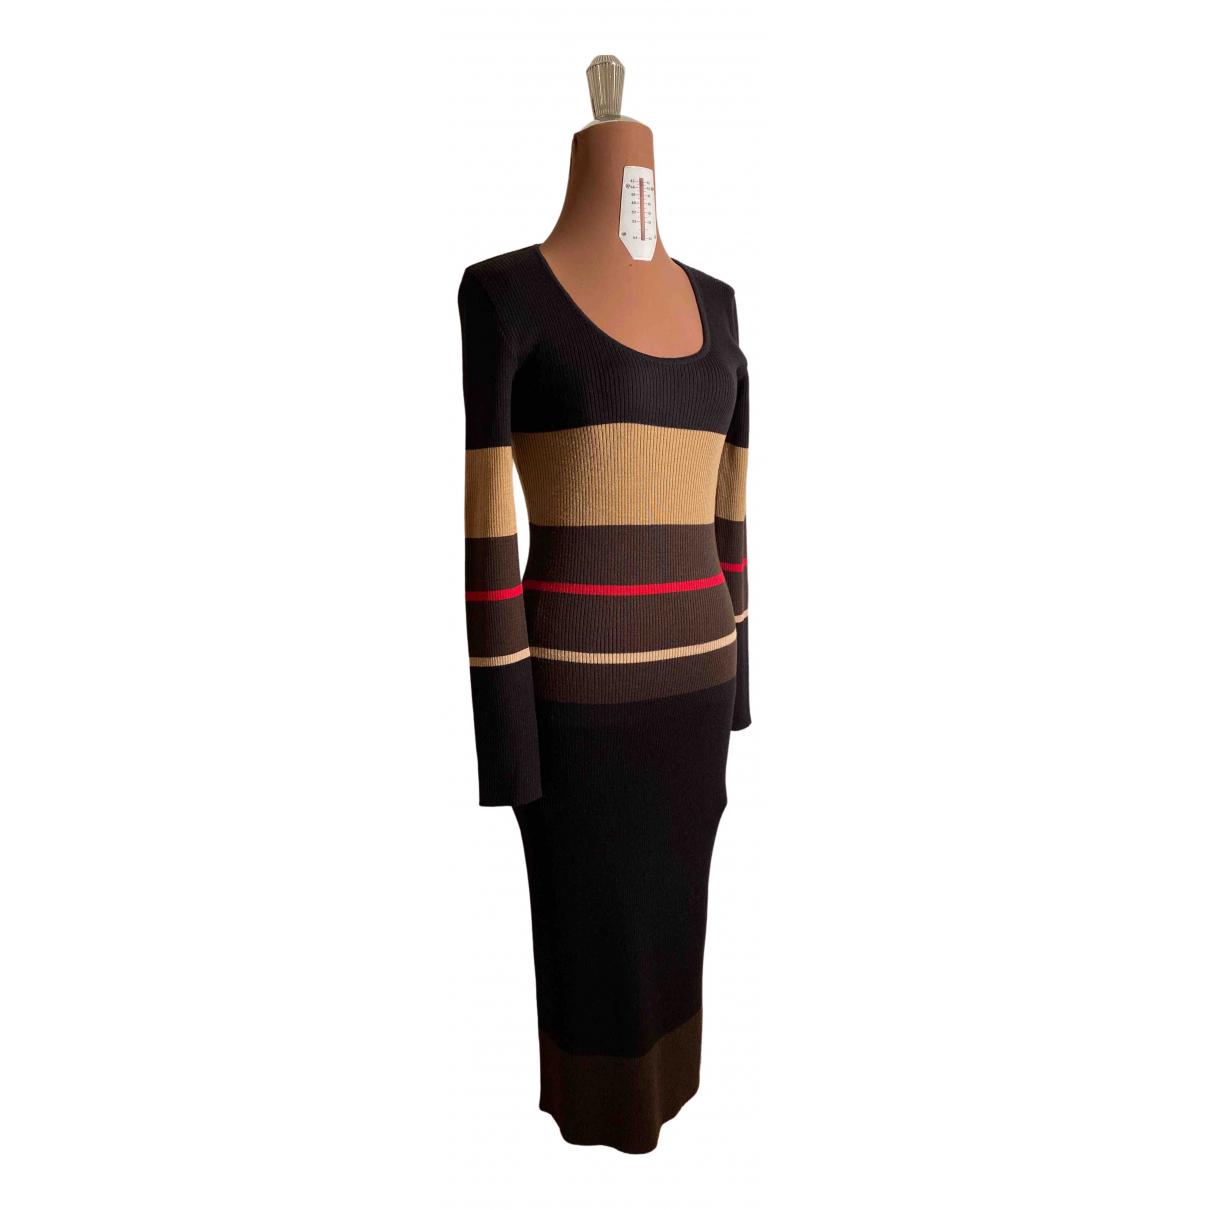 D&g N Wool dress for Women 44 IT